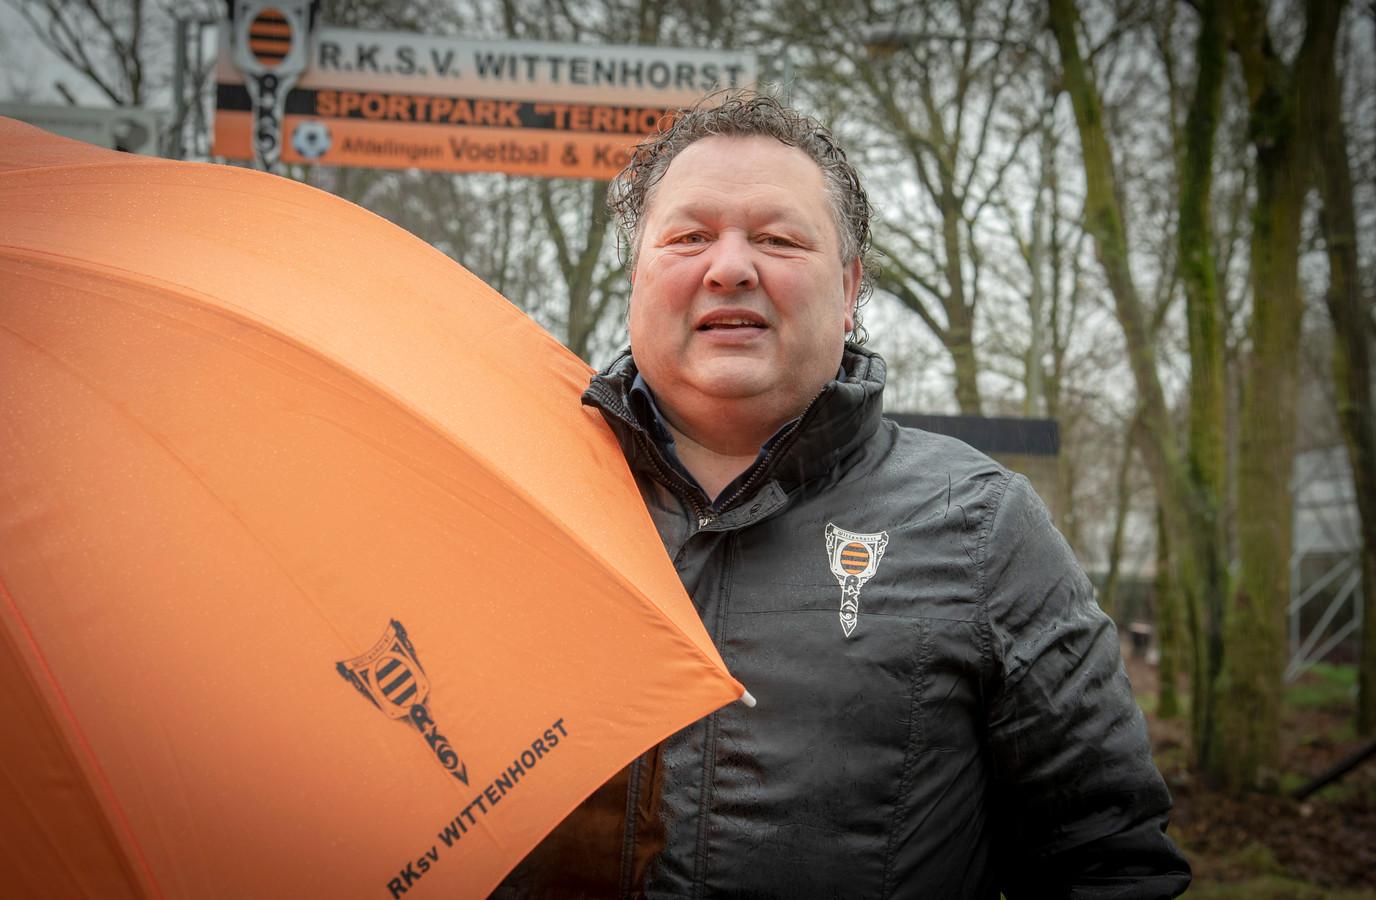 RKSV Wittenhorst-trainer Ton Kosterman uit Wijchen: 'Ik moet nog wel extra arbeid gaan leveren. En ook wat kilo's kwijtraken voordat ik die berg op ga.'